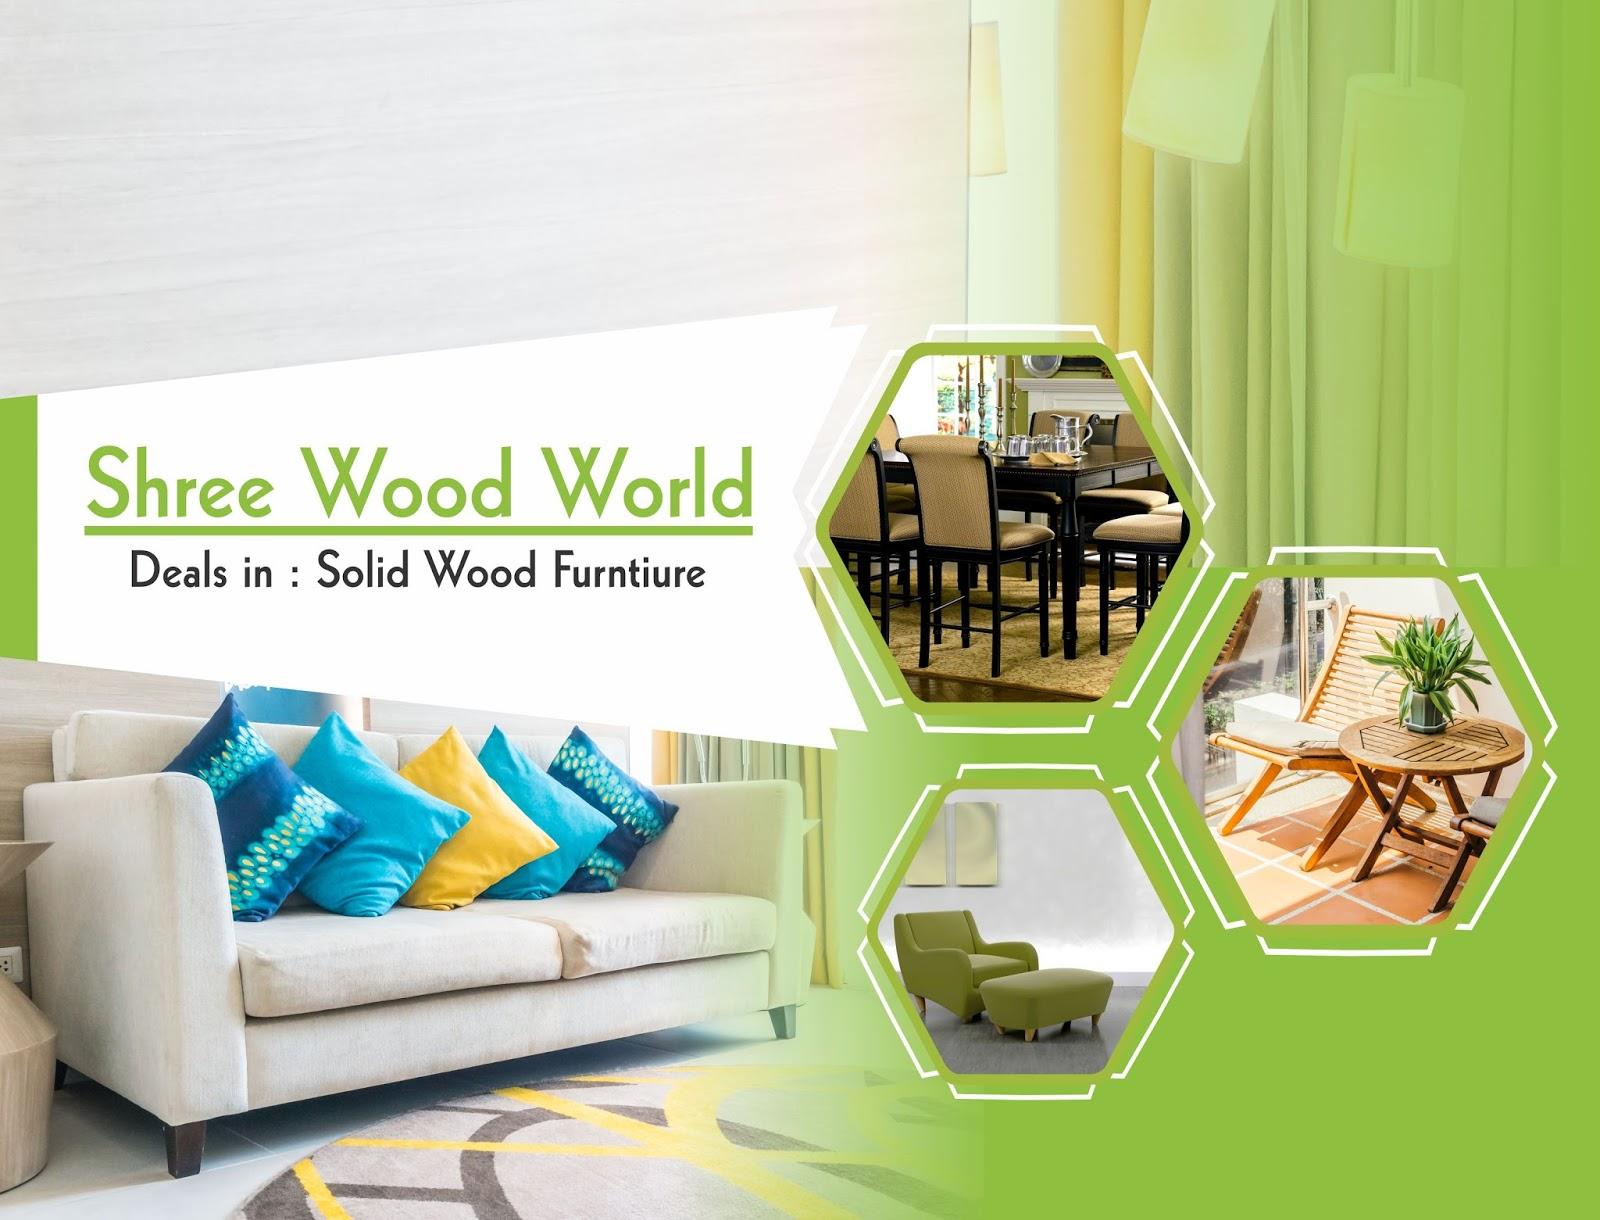 imran graphic designer jaipur portfolio indoor outdoor